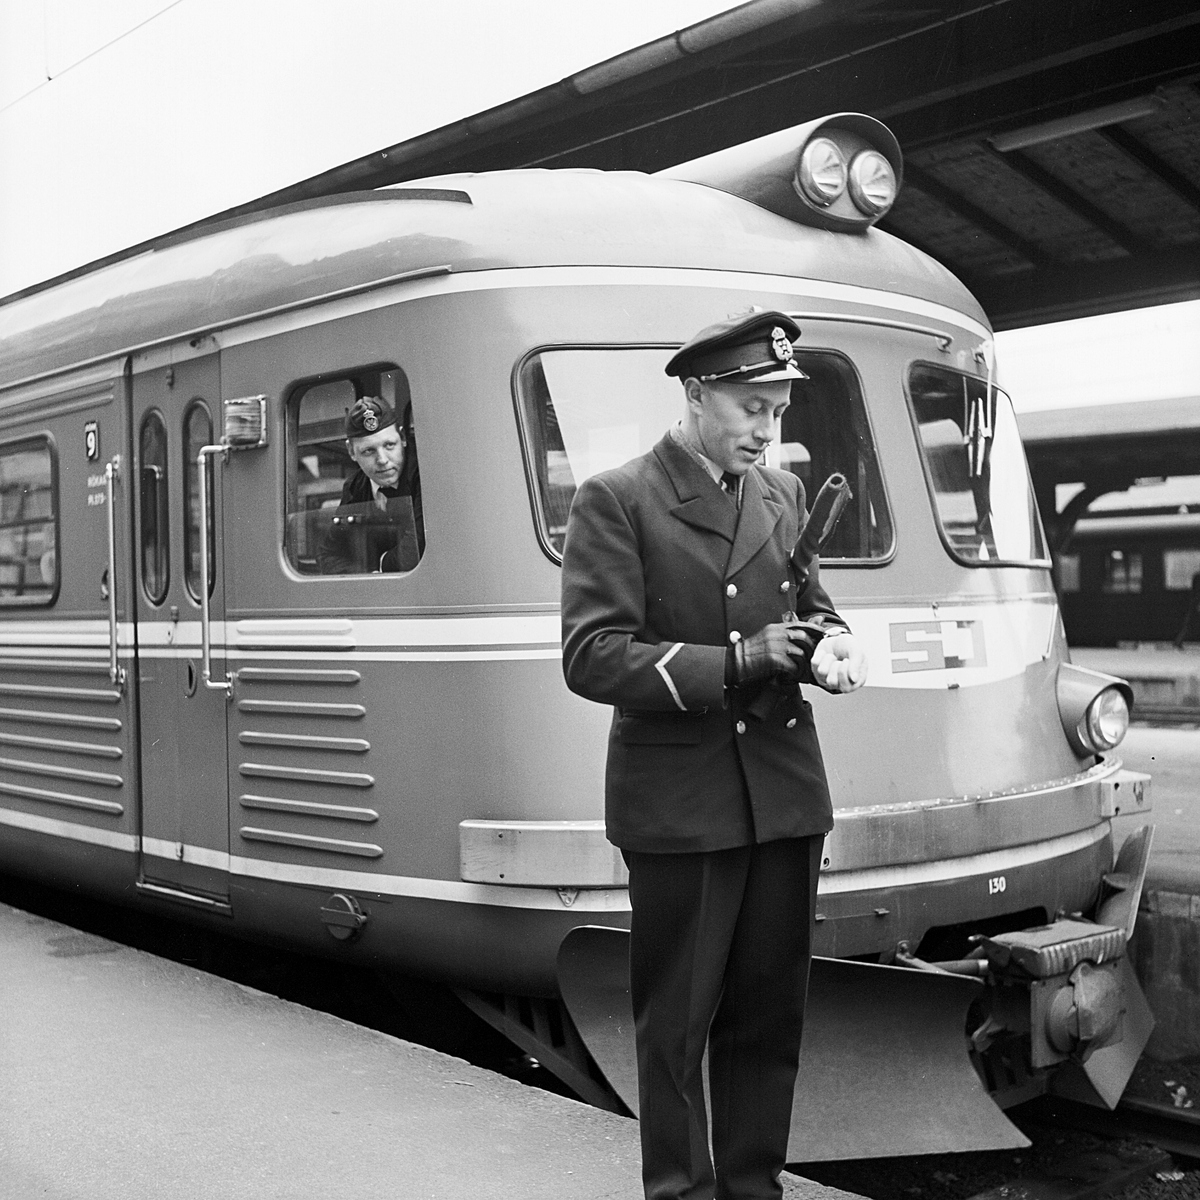 Tågklarerare Stockholm Central.  Statens Järnvägar SJ Y0a2B 130.